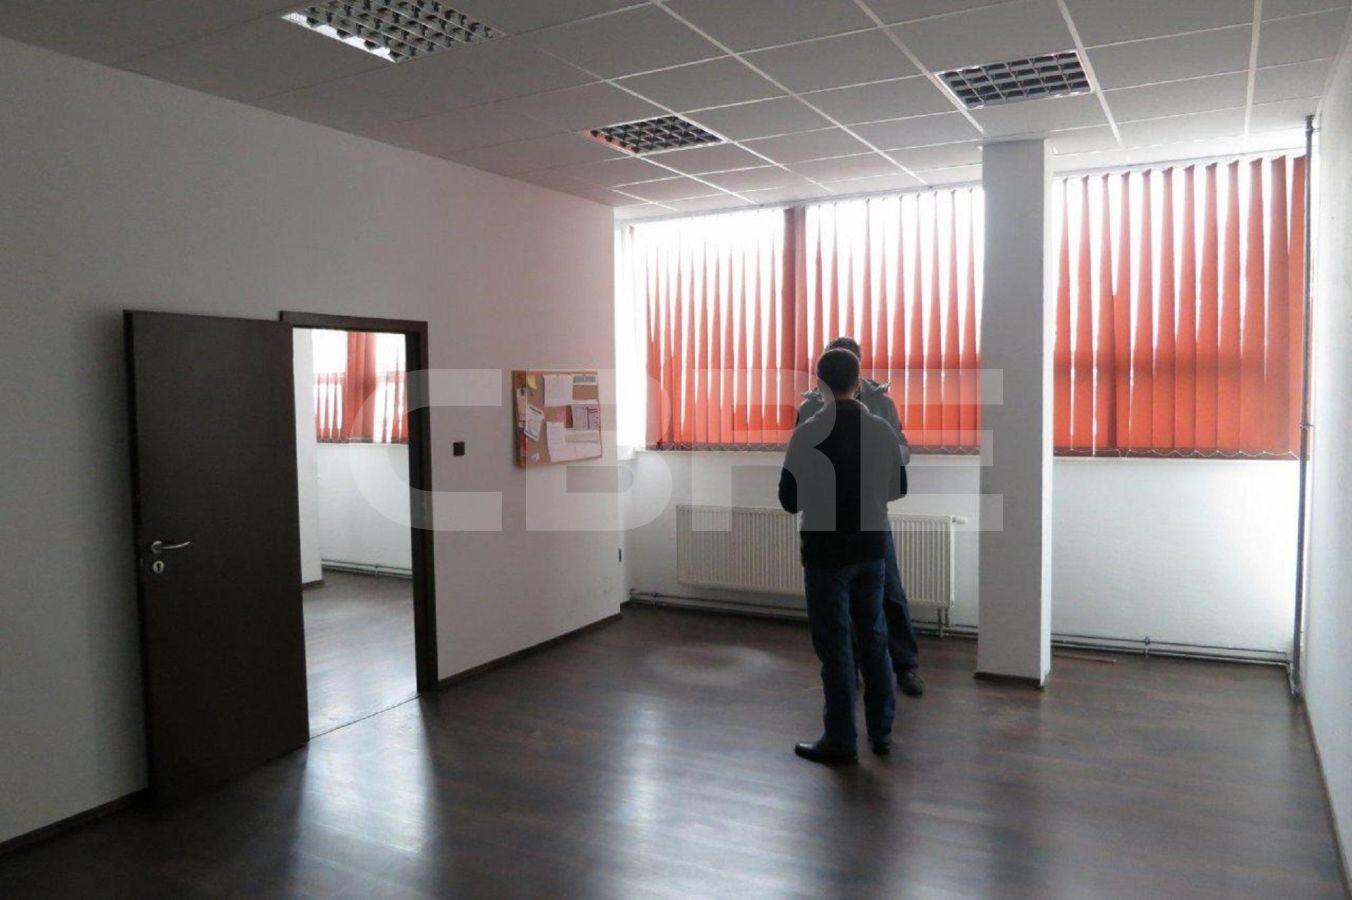 Uránová, Bratislava III. - 328 m2, Bratislavský kraj, Bratislava | Prenájom a predaj skladov a výrobných hál od CBRE | 3